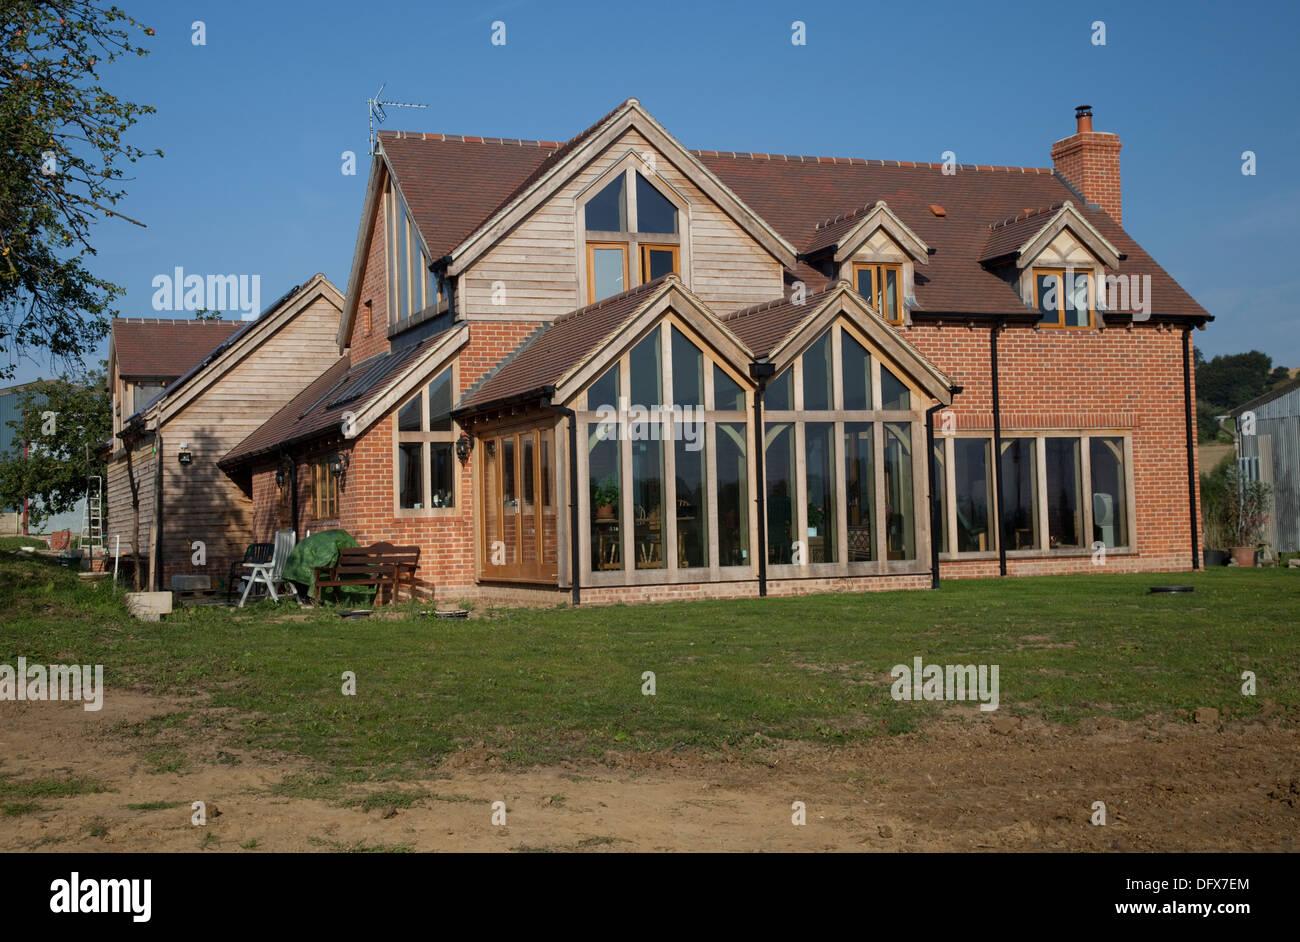 Holz Rahmen und Hemcrete Eco Neubau mit großen Eiche Wintergarten Mickleton UK Stockbild